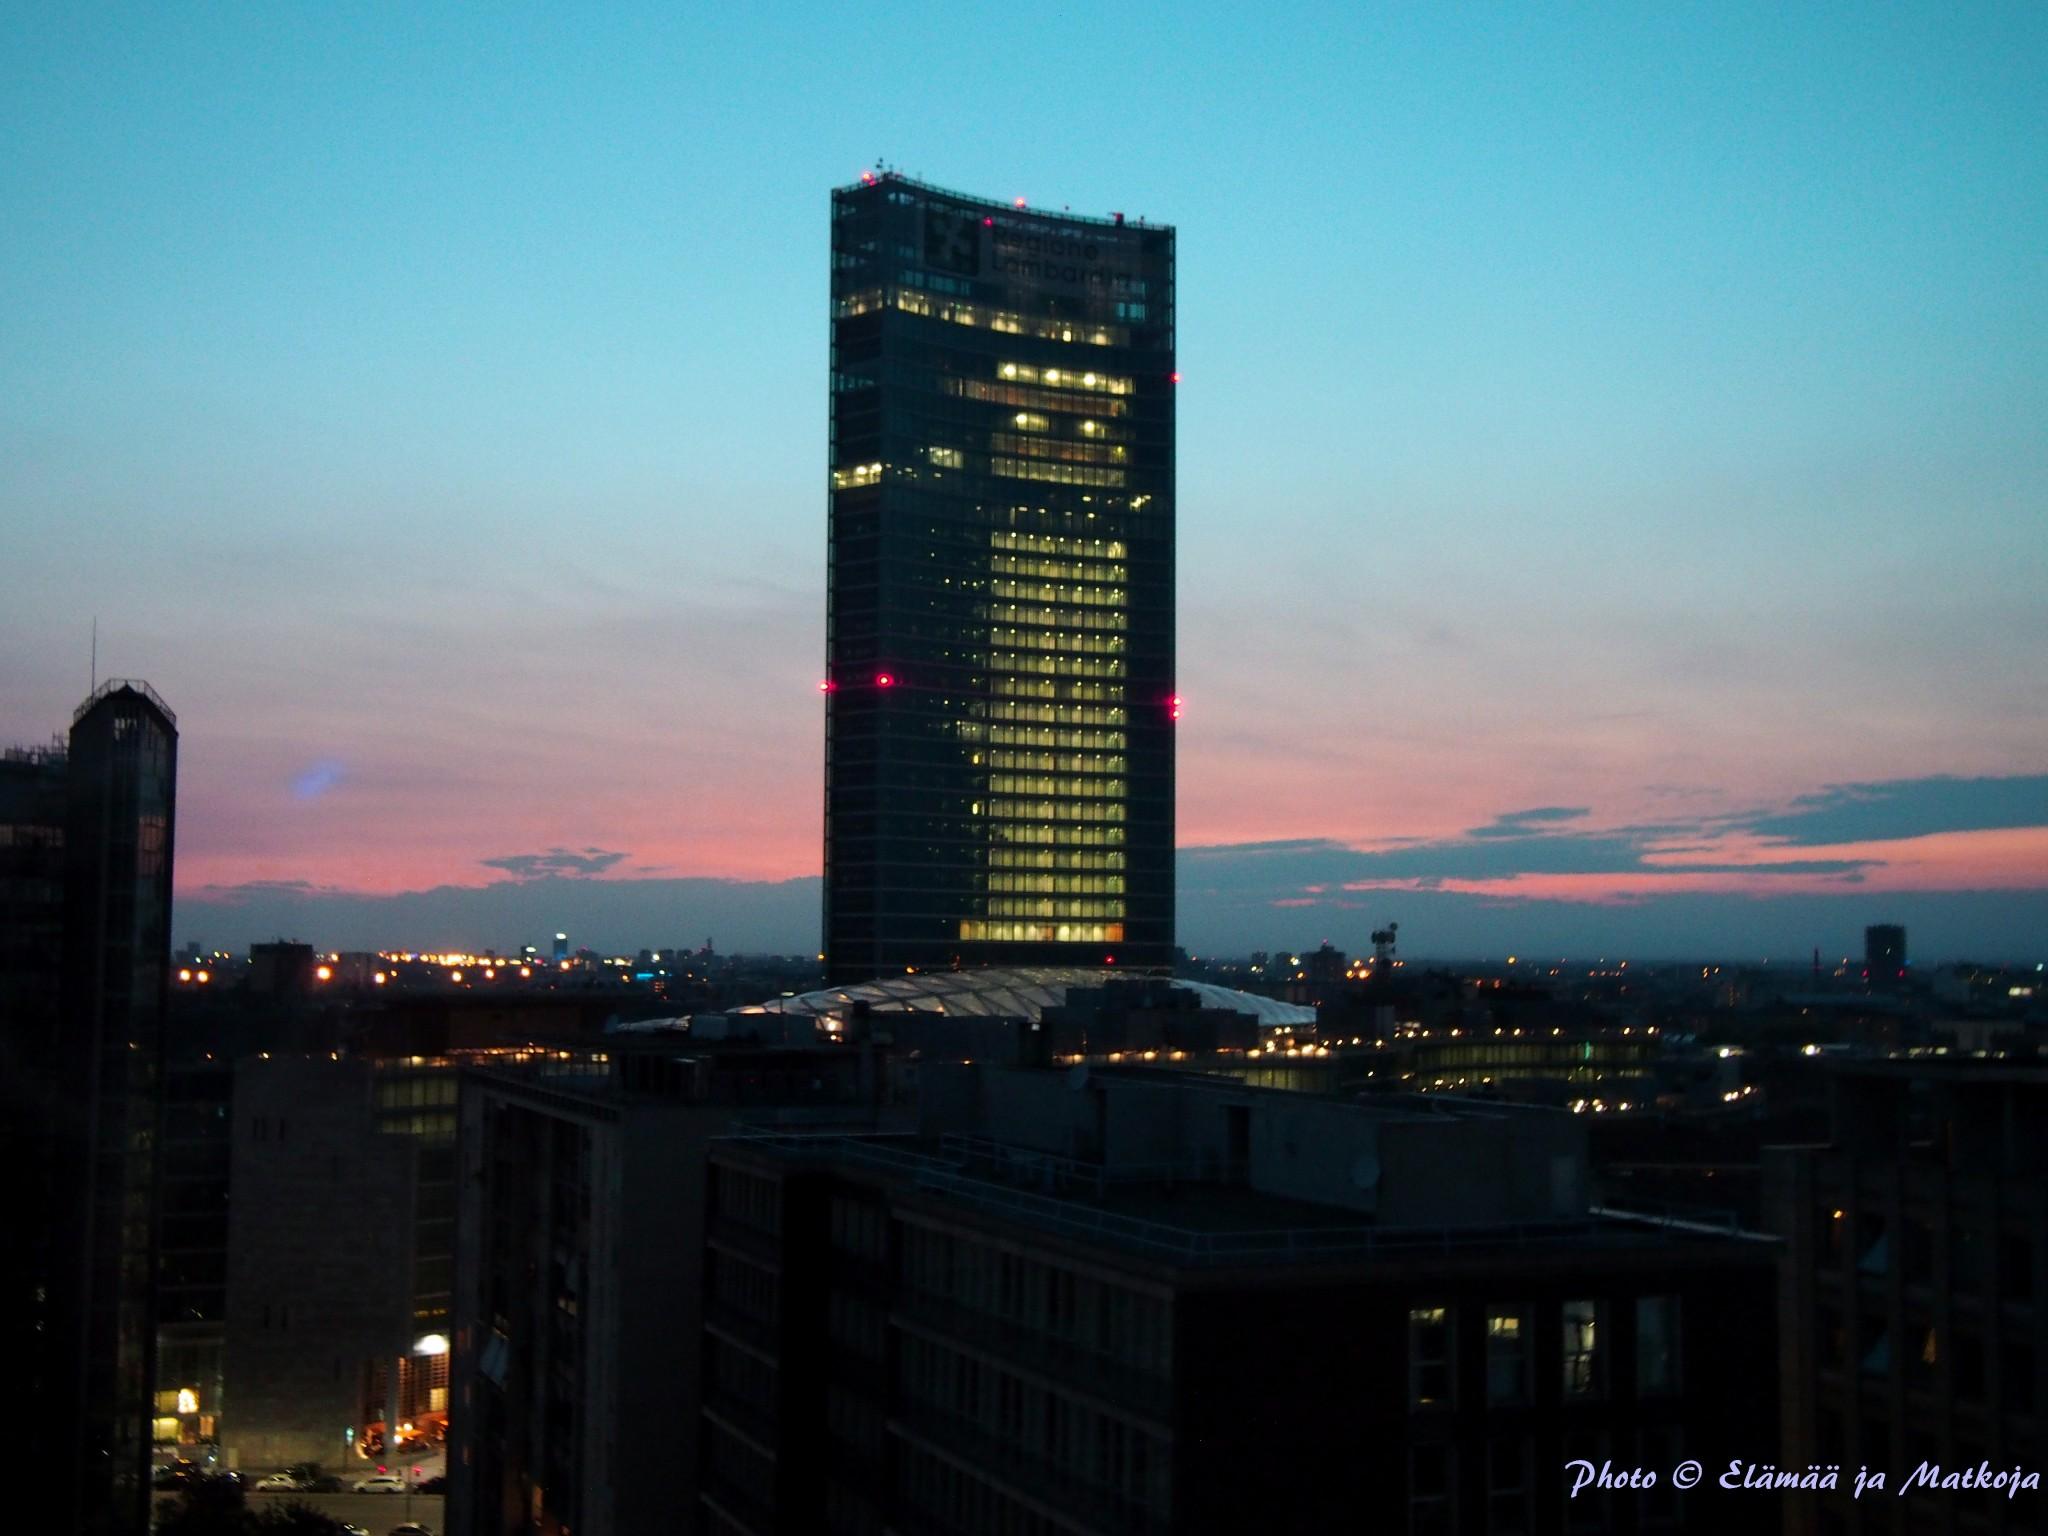 15 kerroksen huoneen iltanäkymä oli kaunis Photo © Elämää ja Matkoja